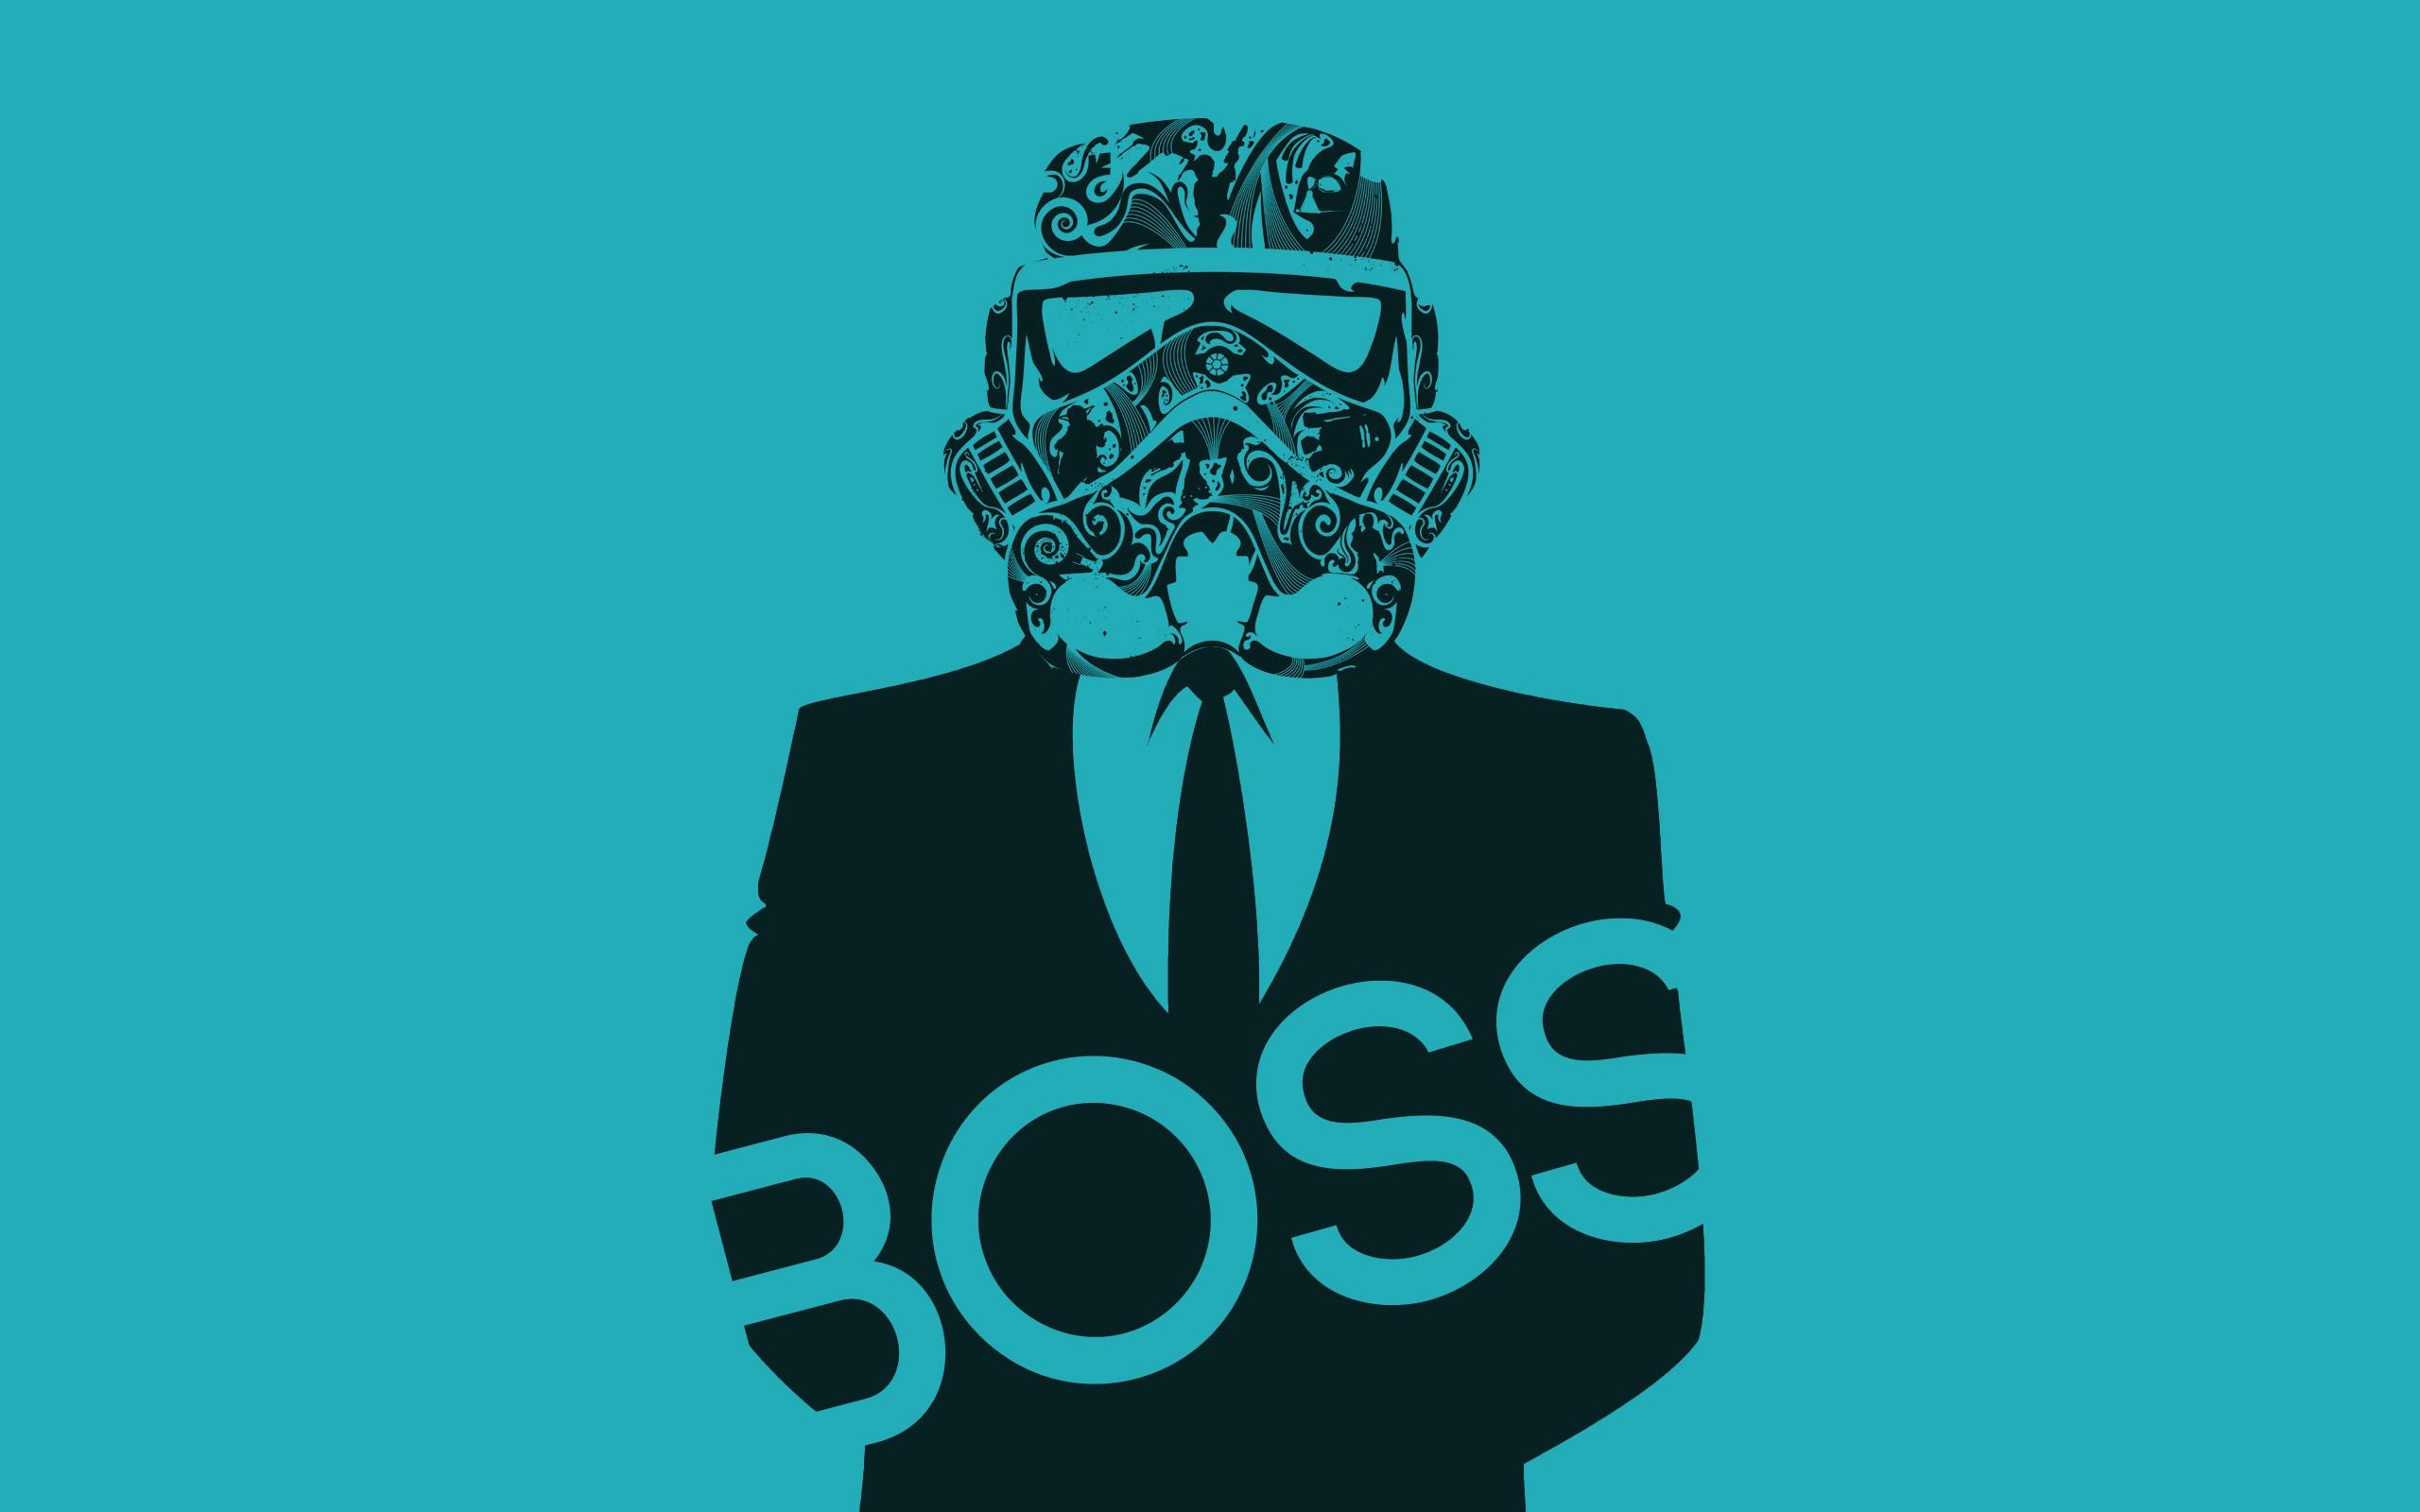 Boss Wallpapers Wallpapersafari HD Wallpapers Download Free Images Wallpaper [1000image.com]